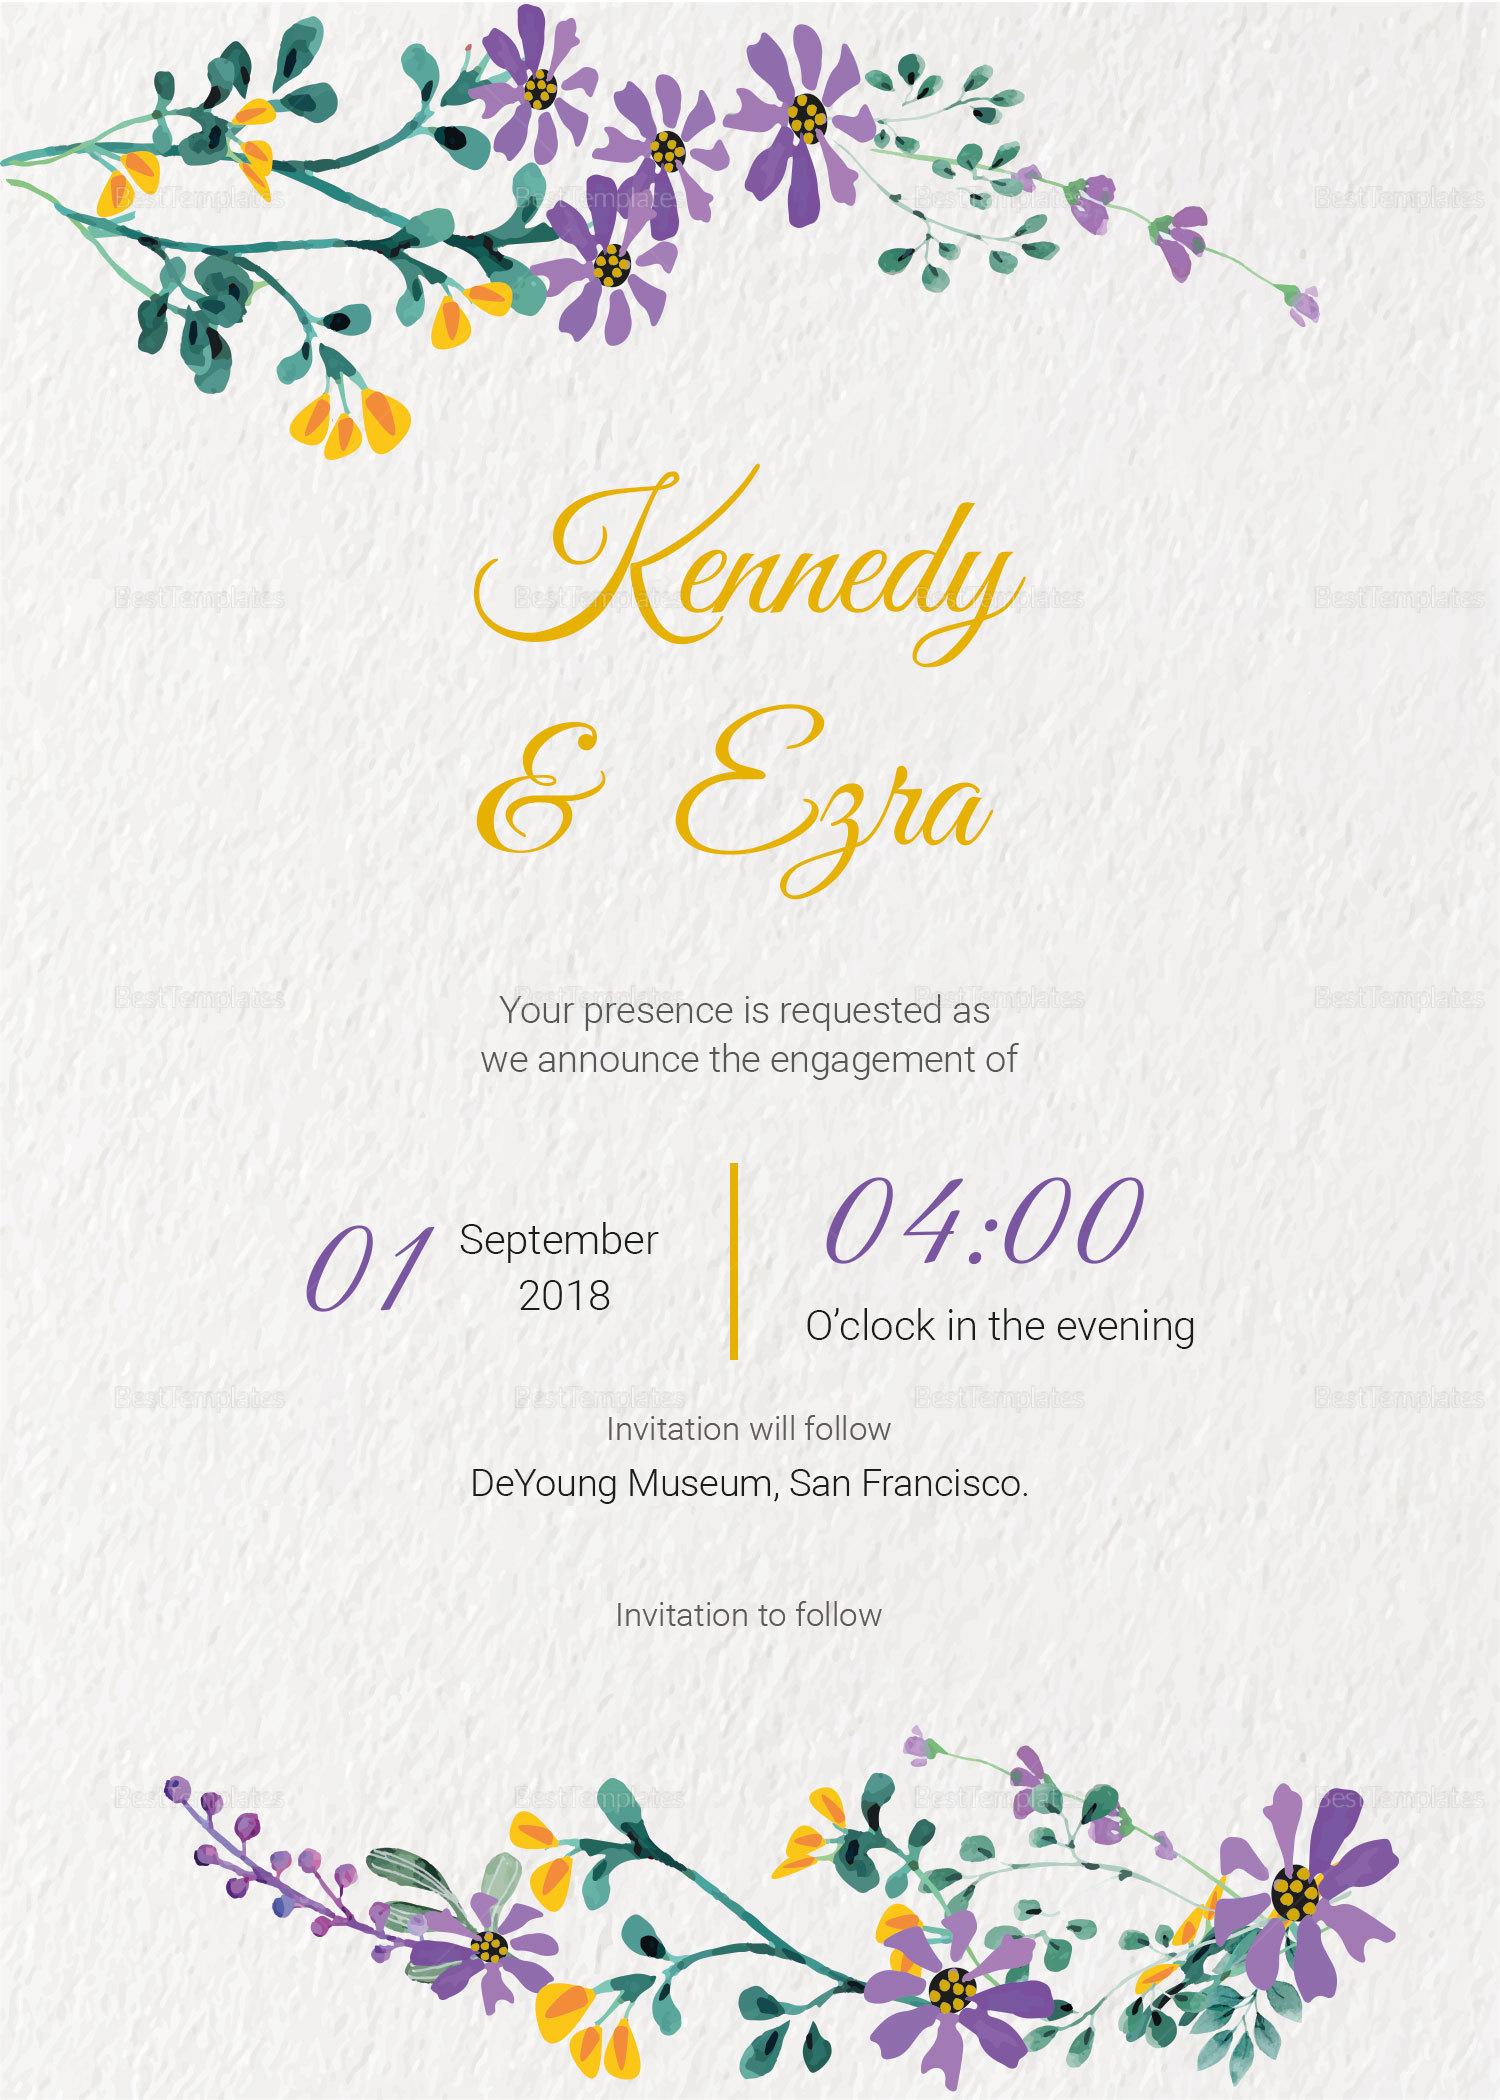 Garden Engagement Announcement Card Template